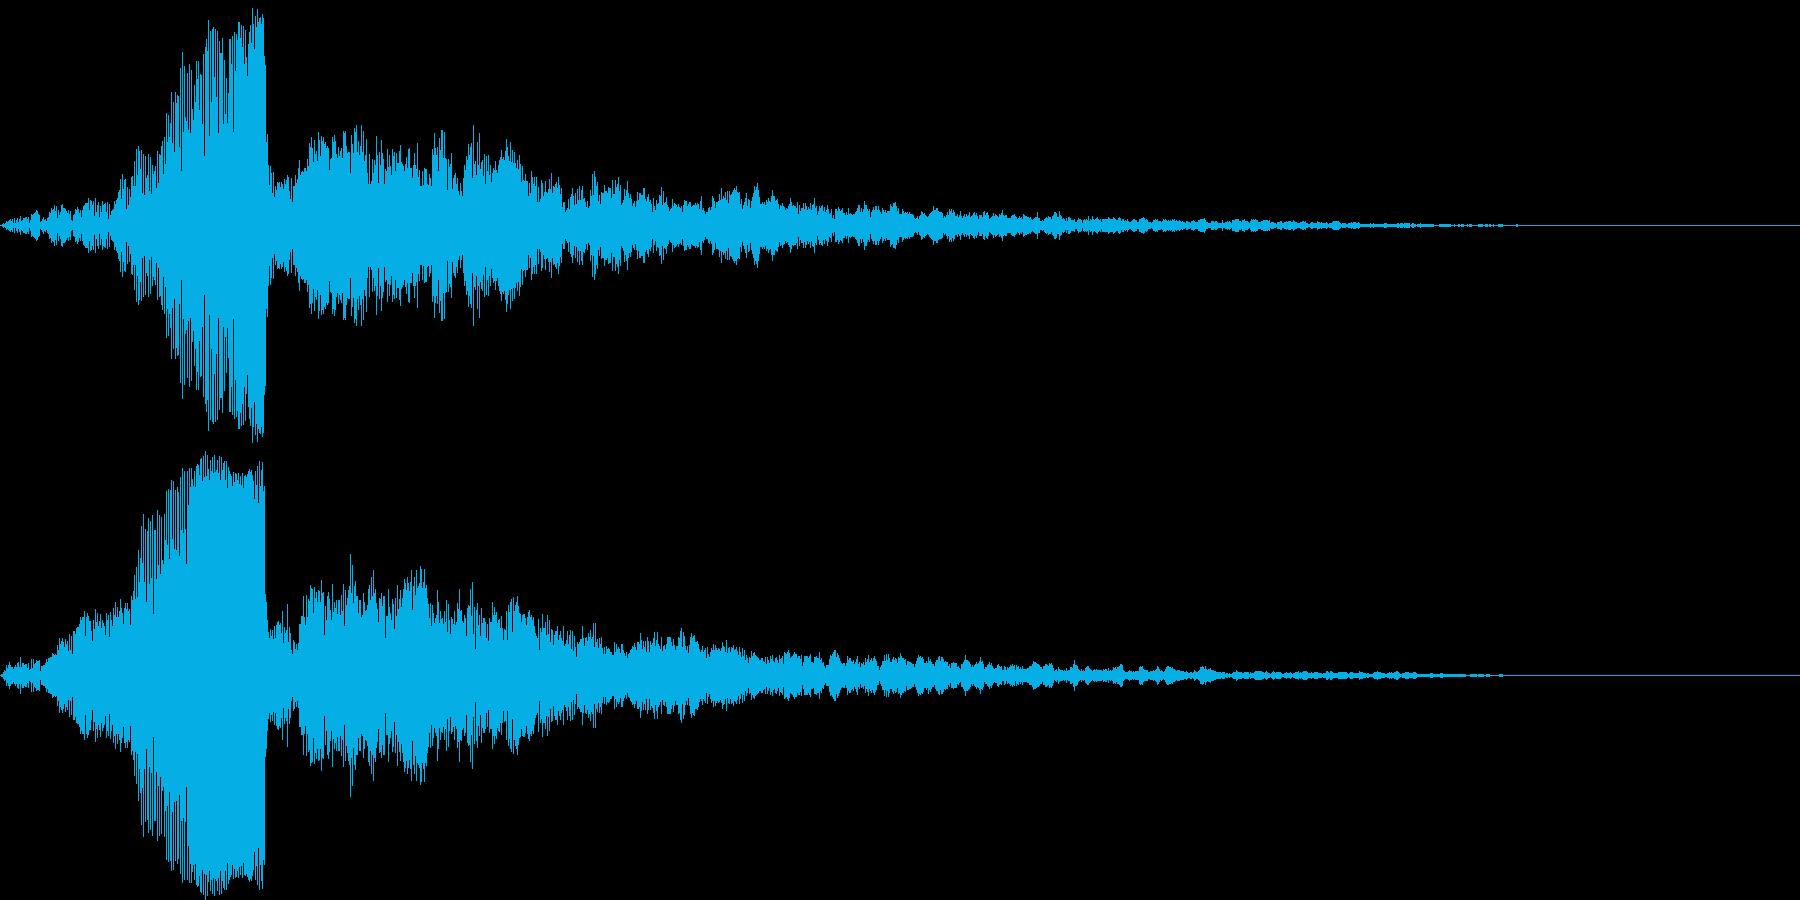 【ダーク】アナログシンセから出る電子音の再生済みの波形